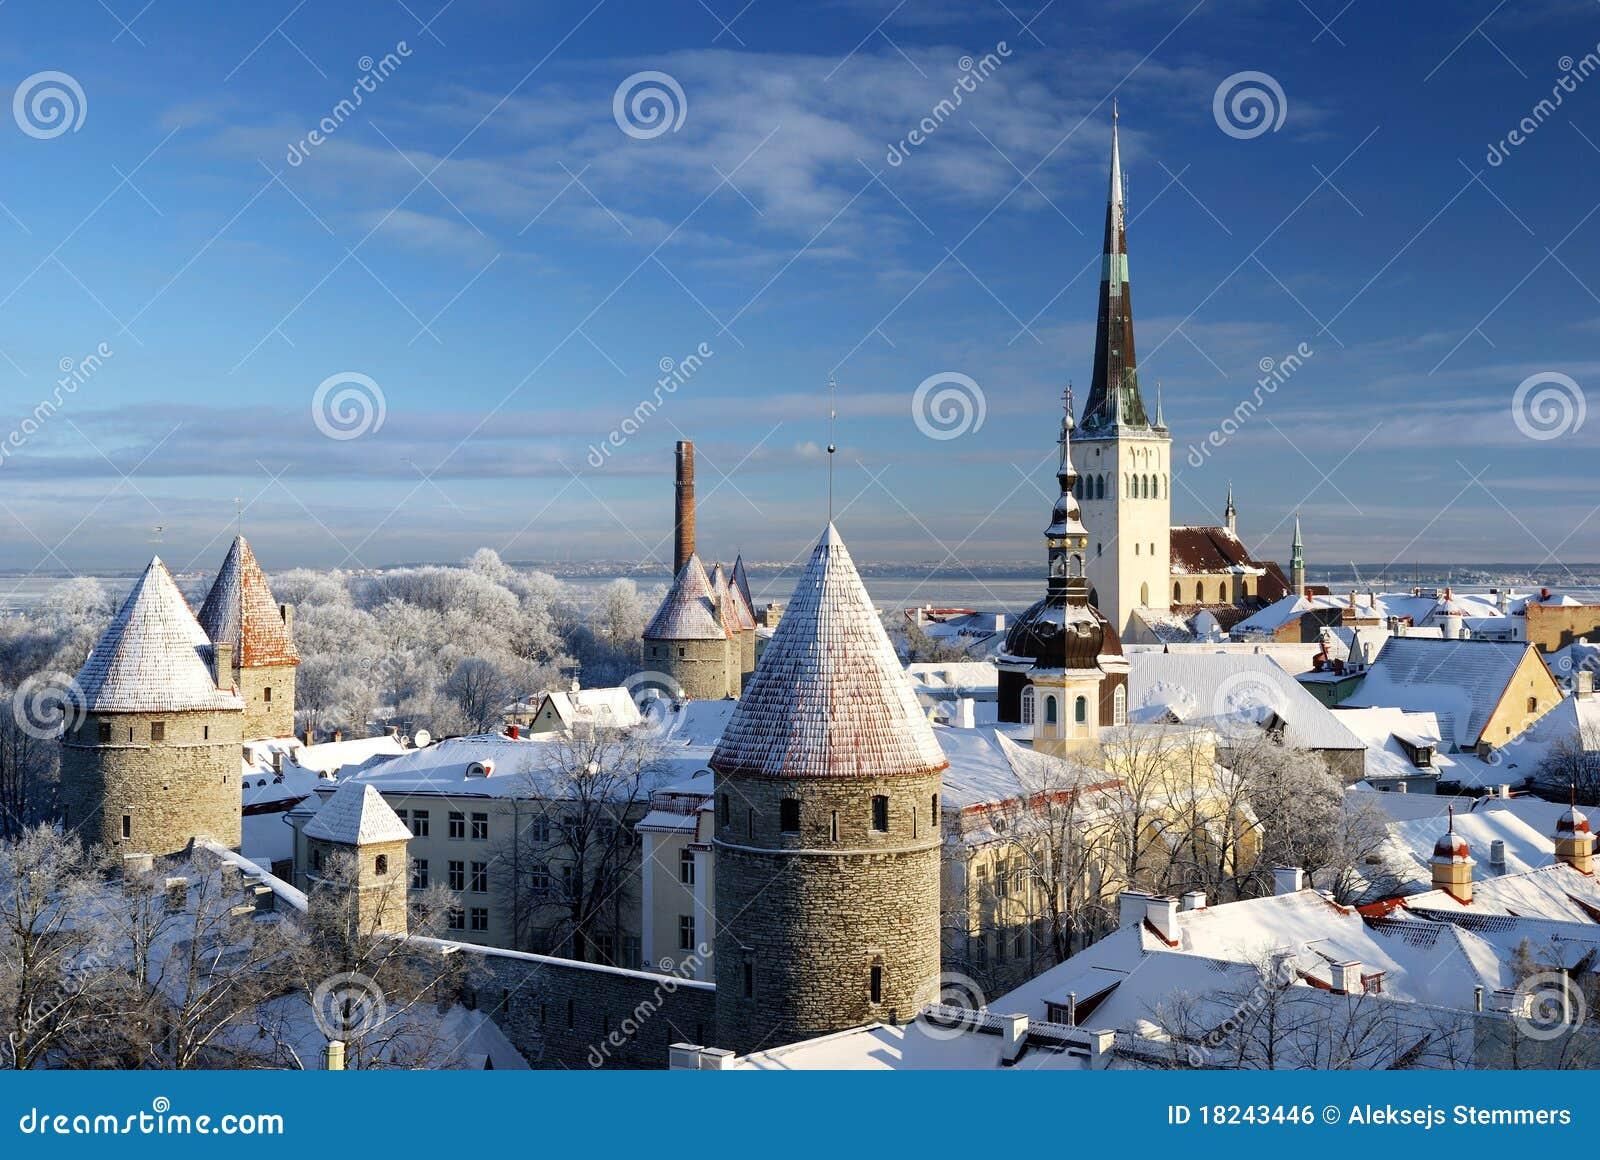 Città di Tallinn. L Estonia. Neve sugli alberi in inverno